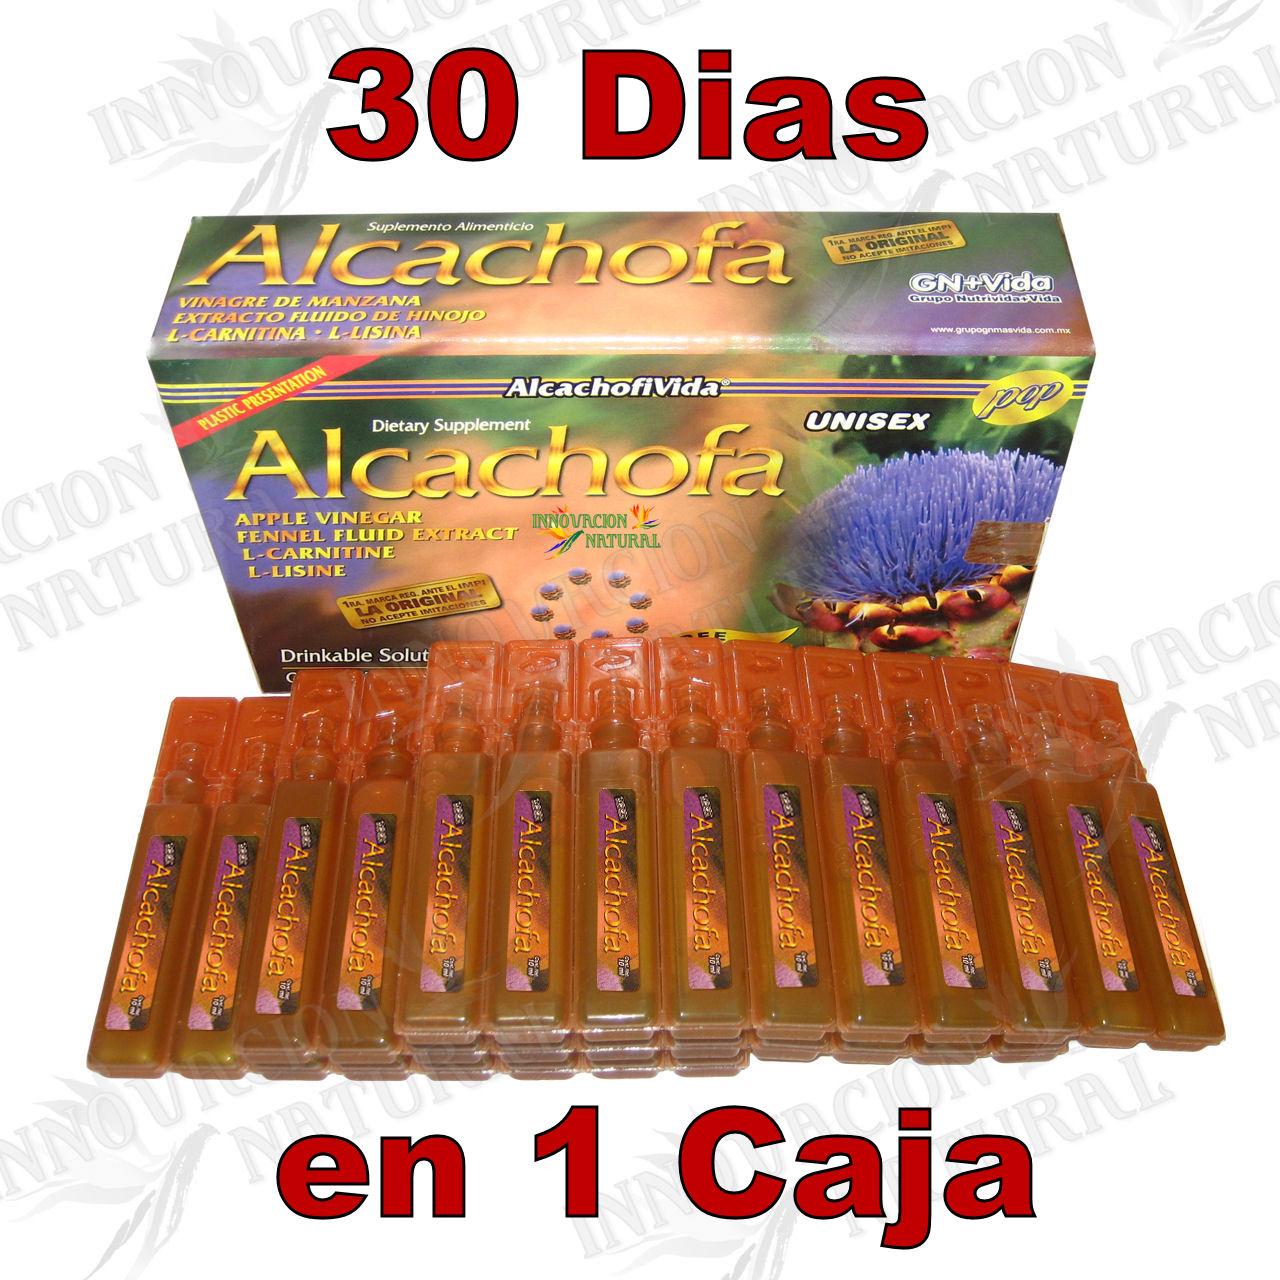 Ampolletas de alcachofa para adelgazar inyectables